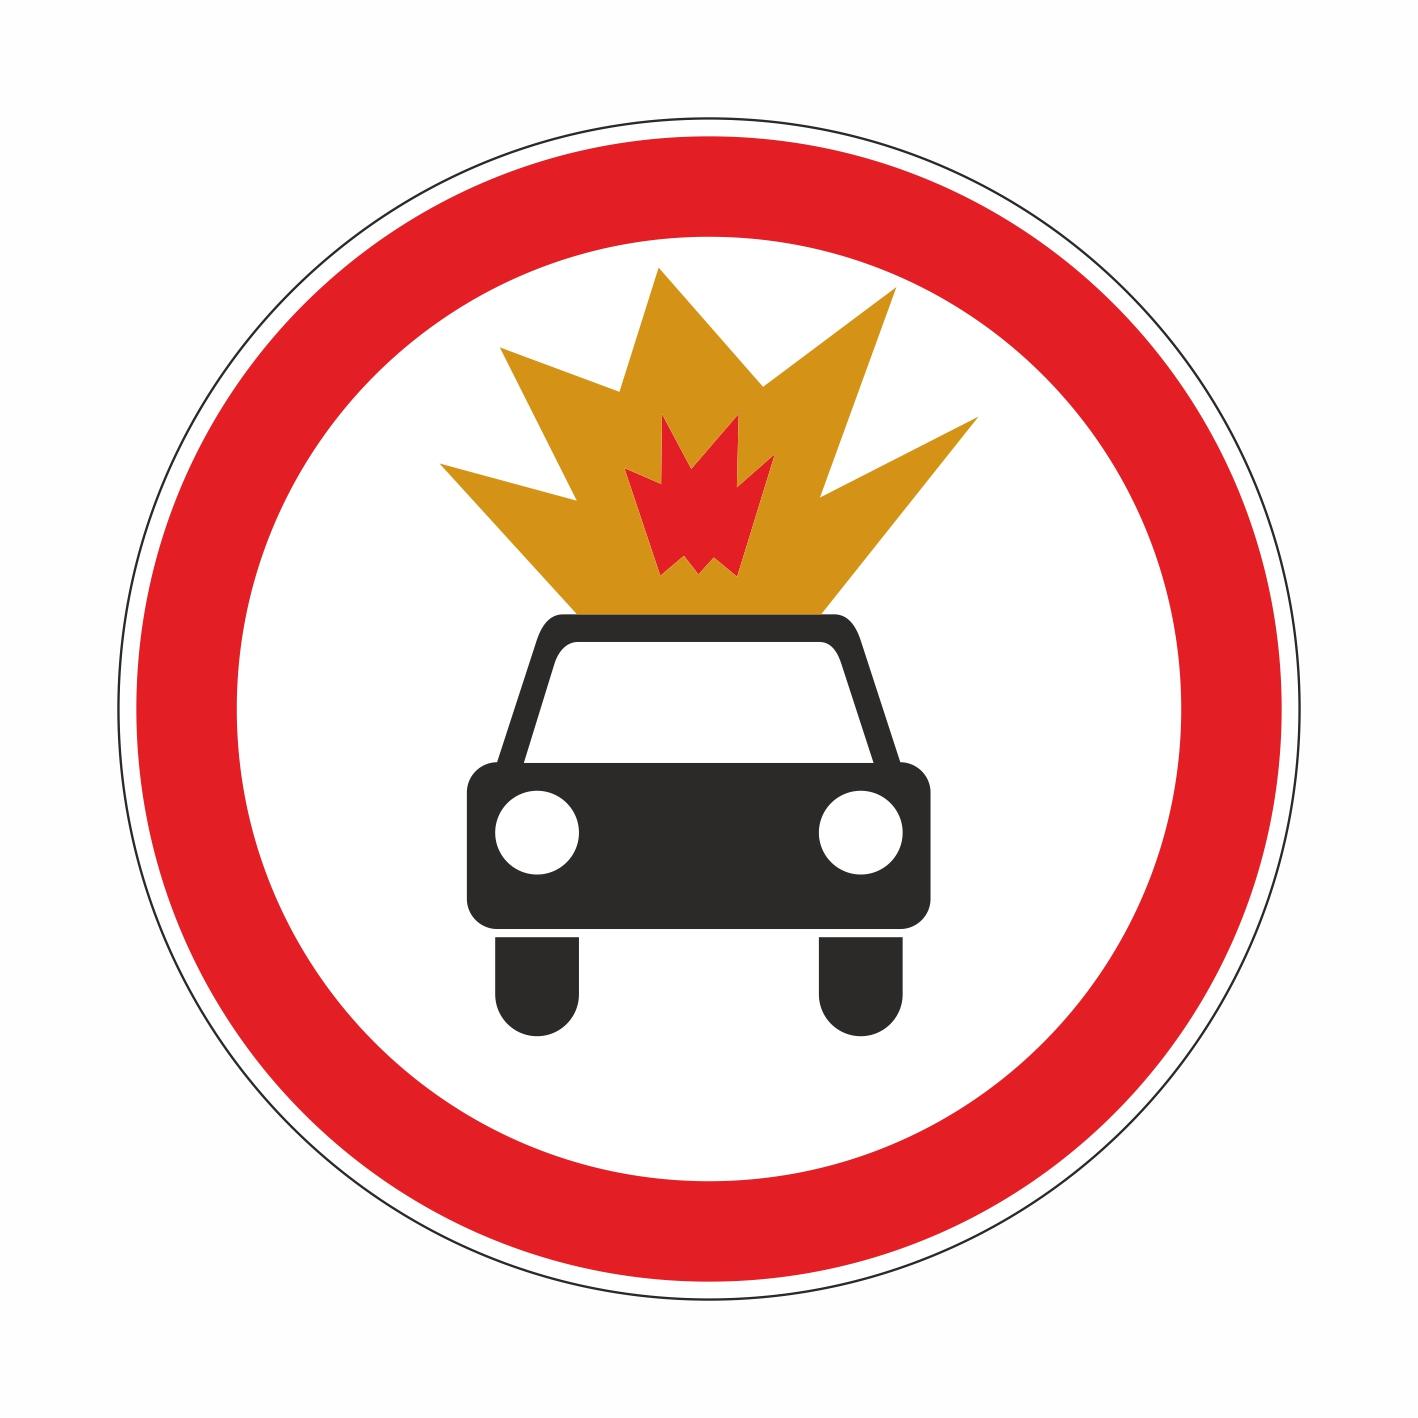 3.33 Движение транспортных средств с взрывчатыми и легковоспламеняющими грузами запрещено